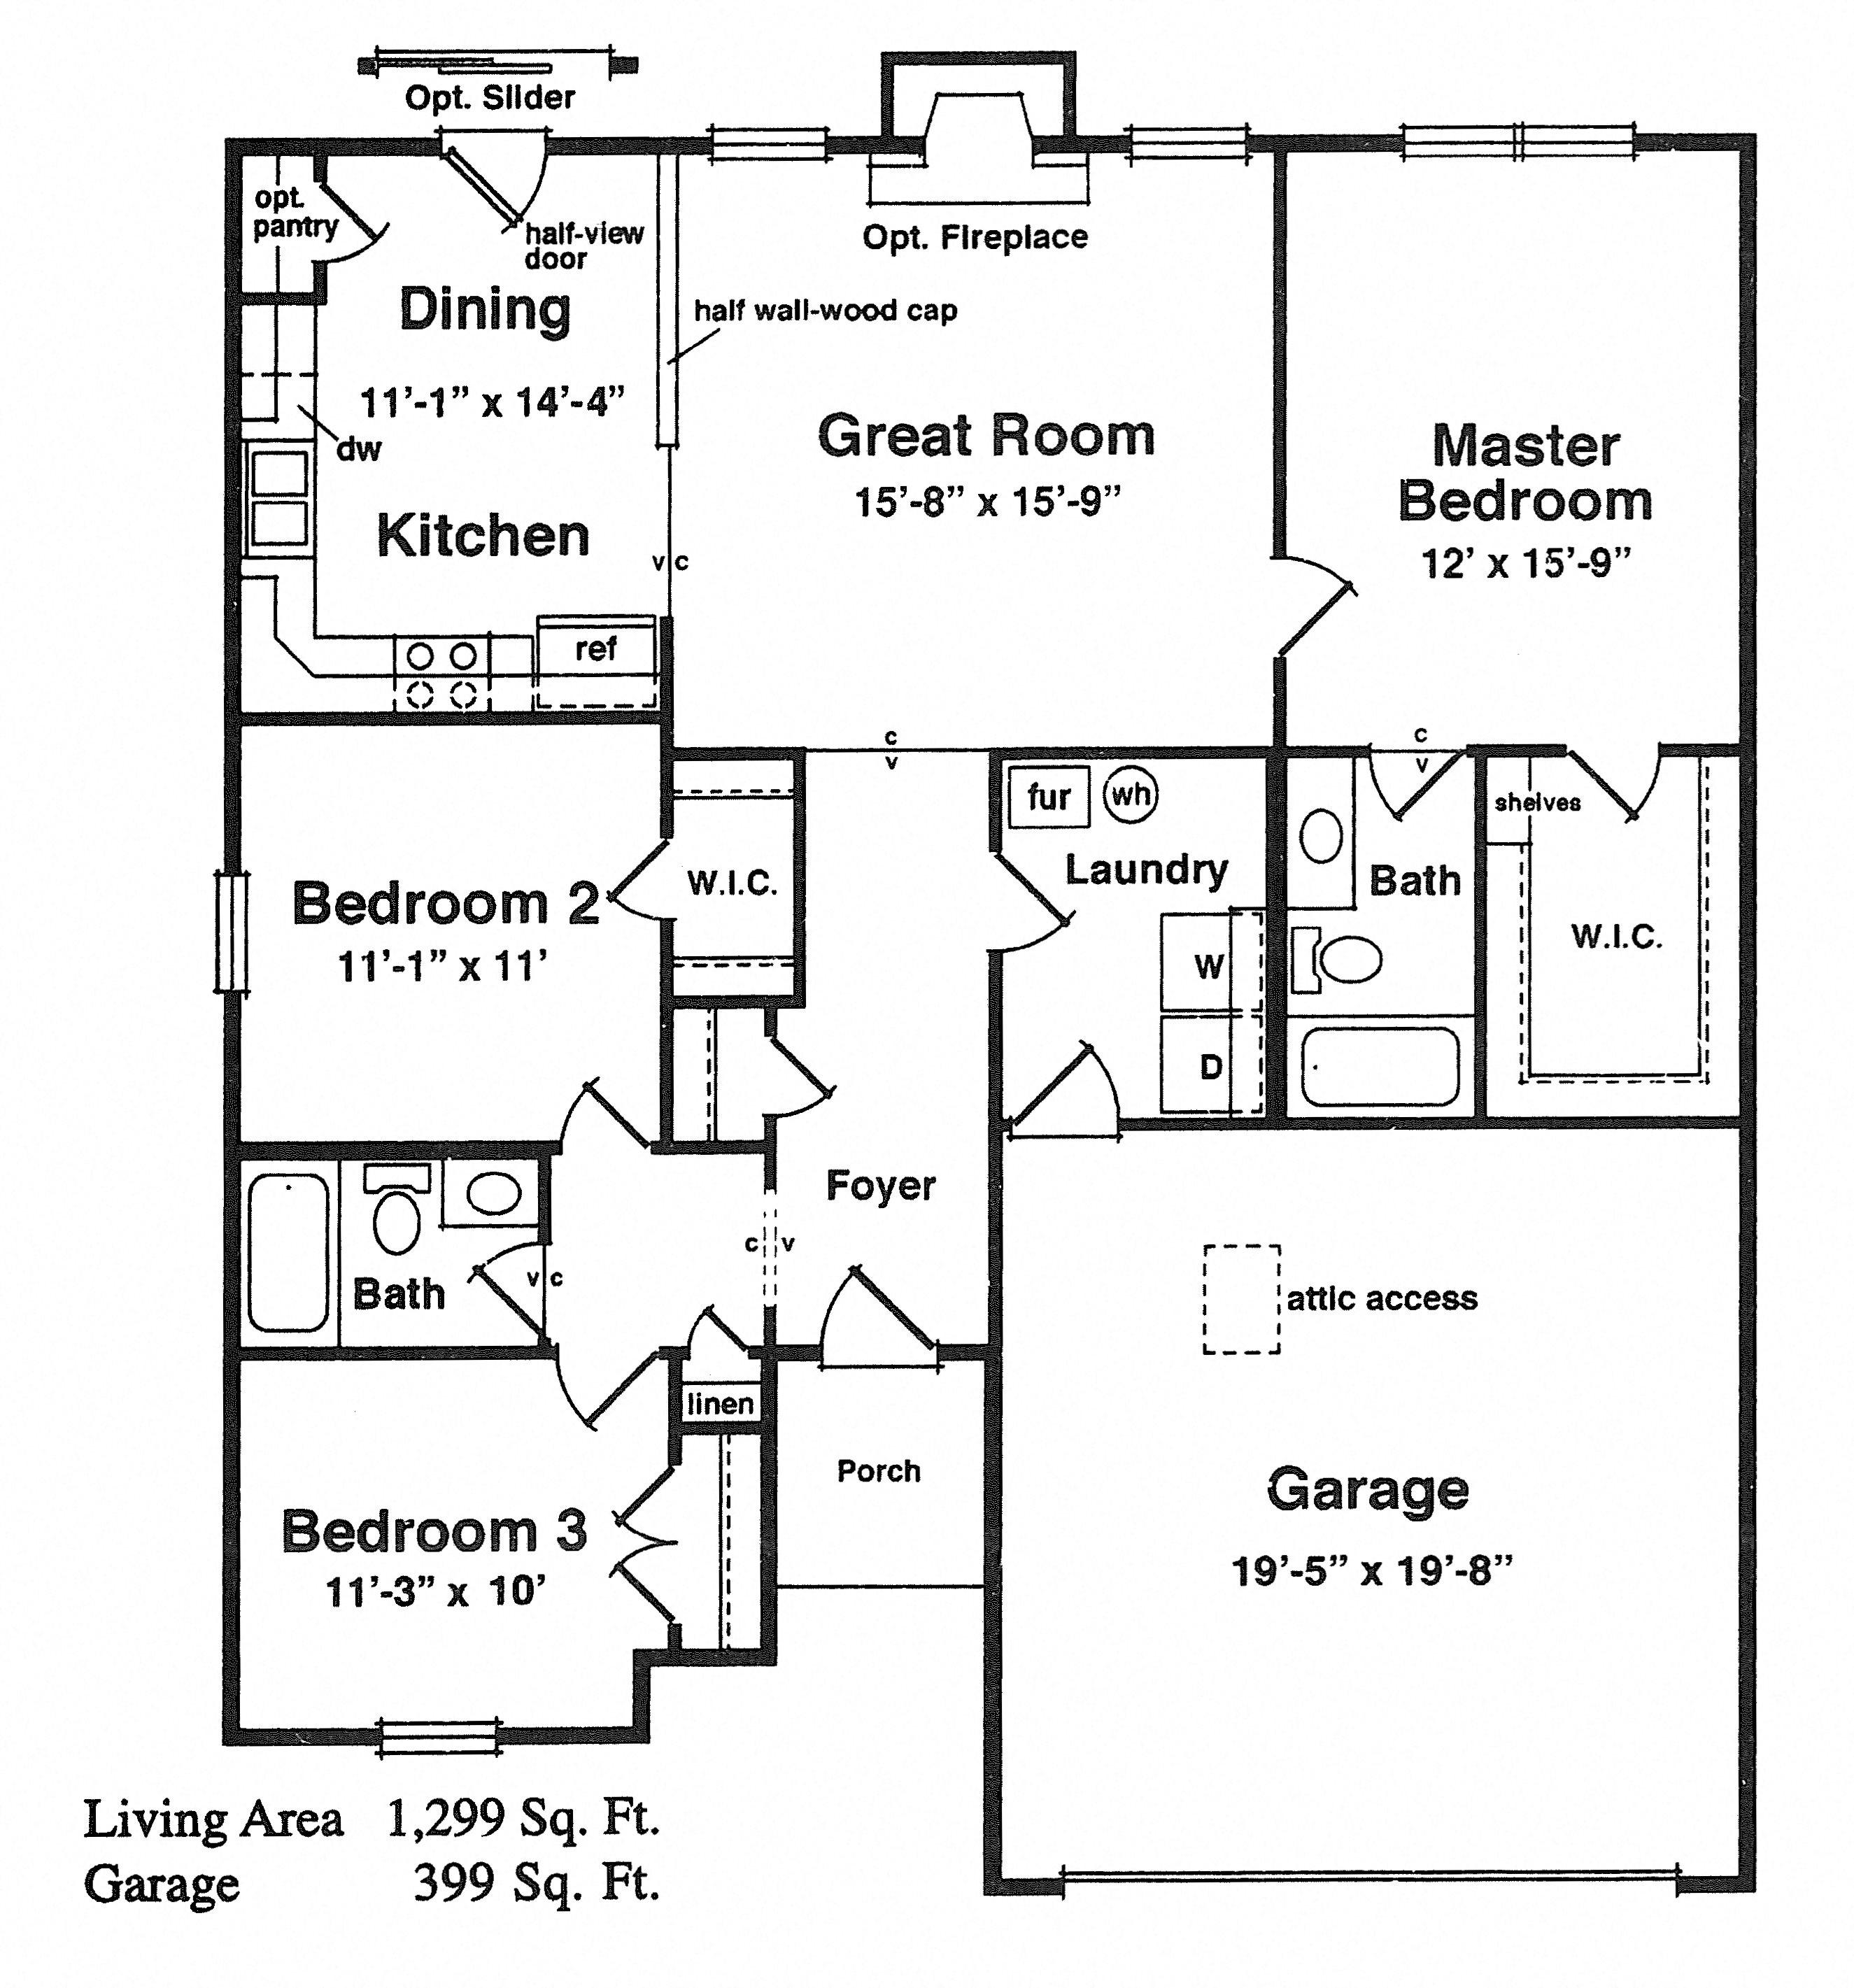 Raven's Cove: Fort Wayne, IN 46818 Floor Plan 3